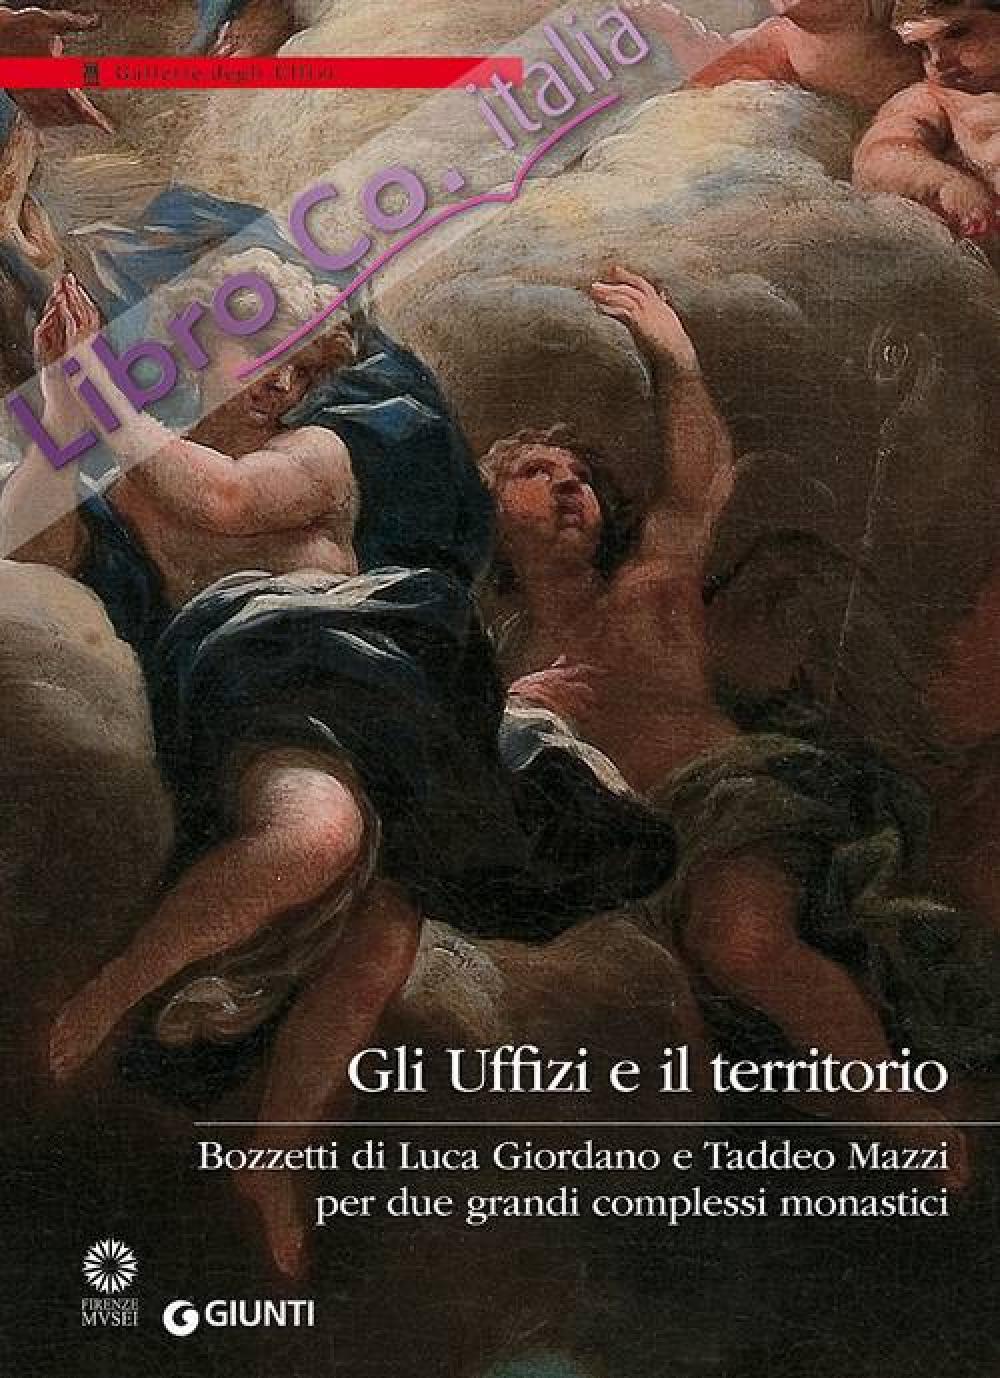 Gli Uffizi e il territorio. Bozzetti di Luca Giordano e Taddeo Mazzi per due grandi complessi monastici